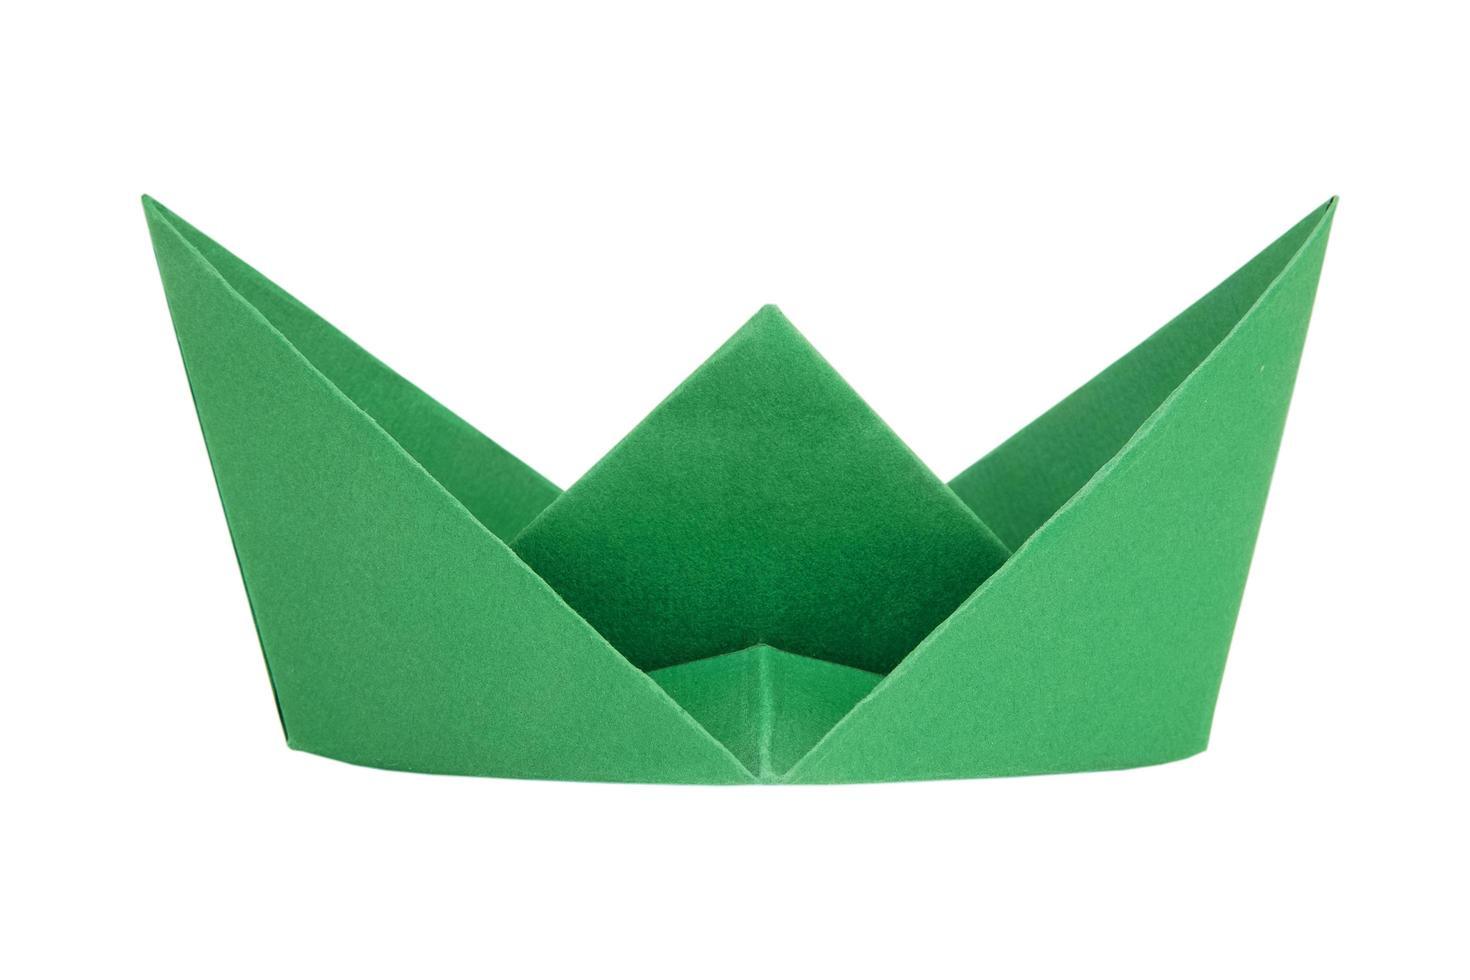 barco de papel verde foto